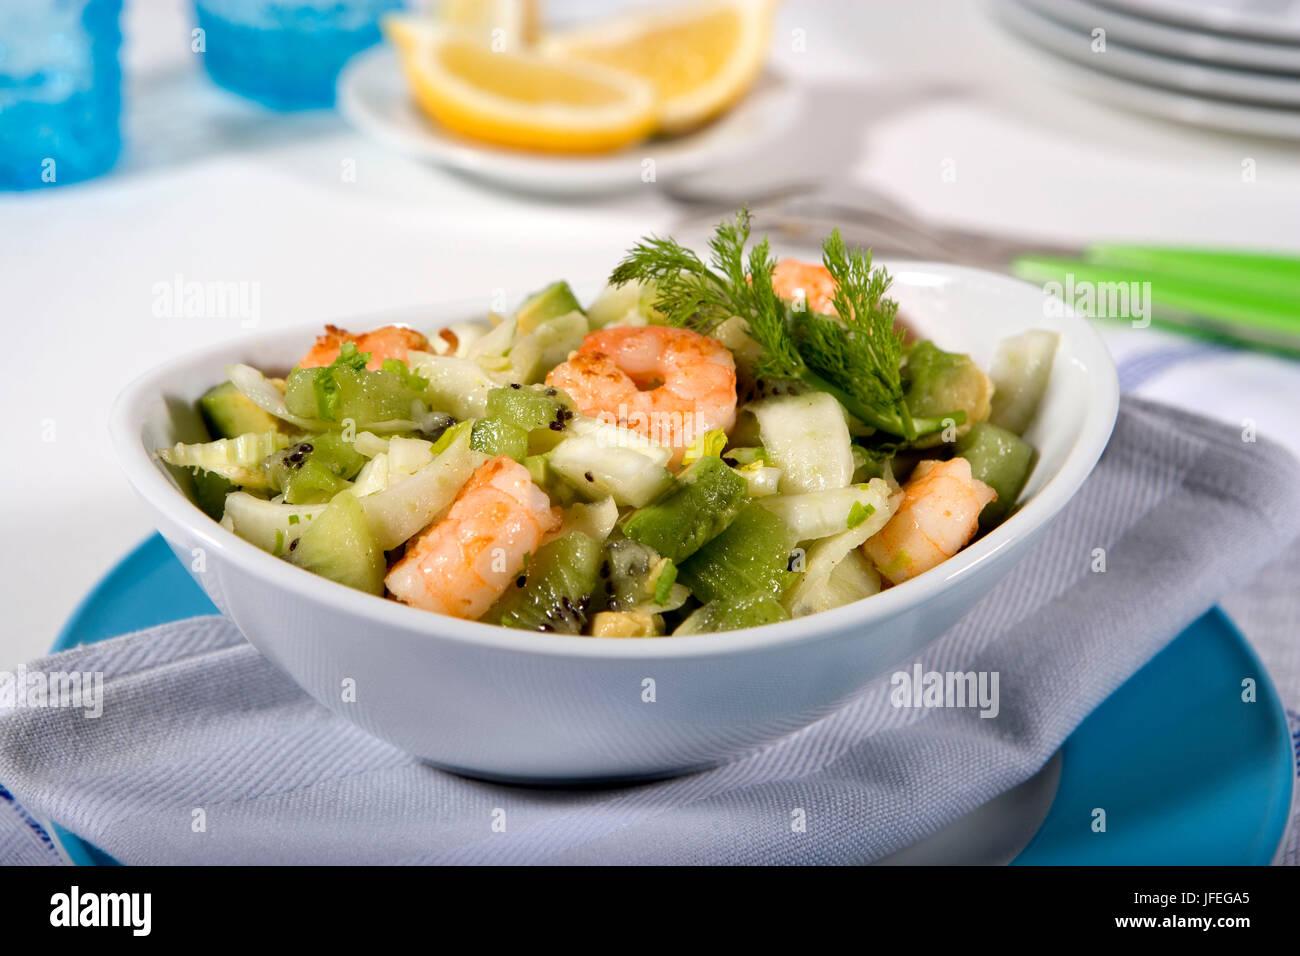 Hinojo orientales con ensalada de camarones Imagen De Stock